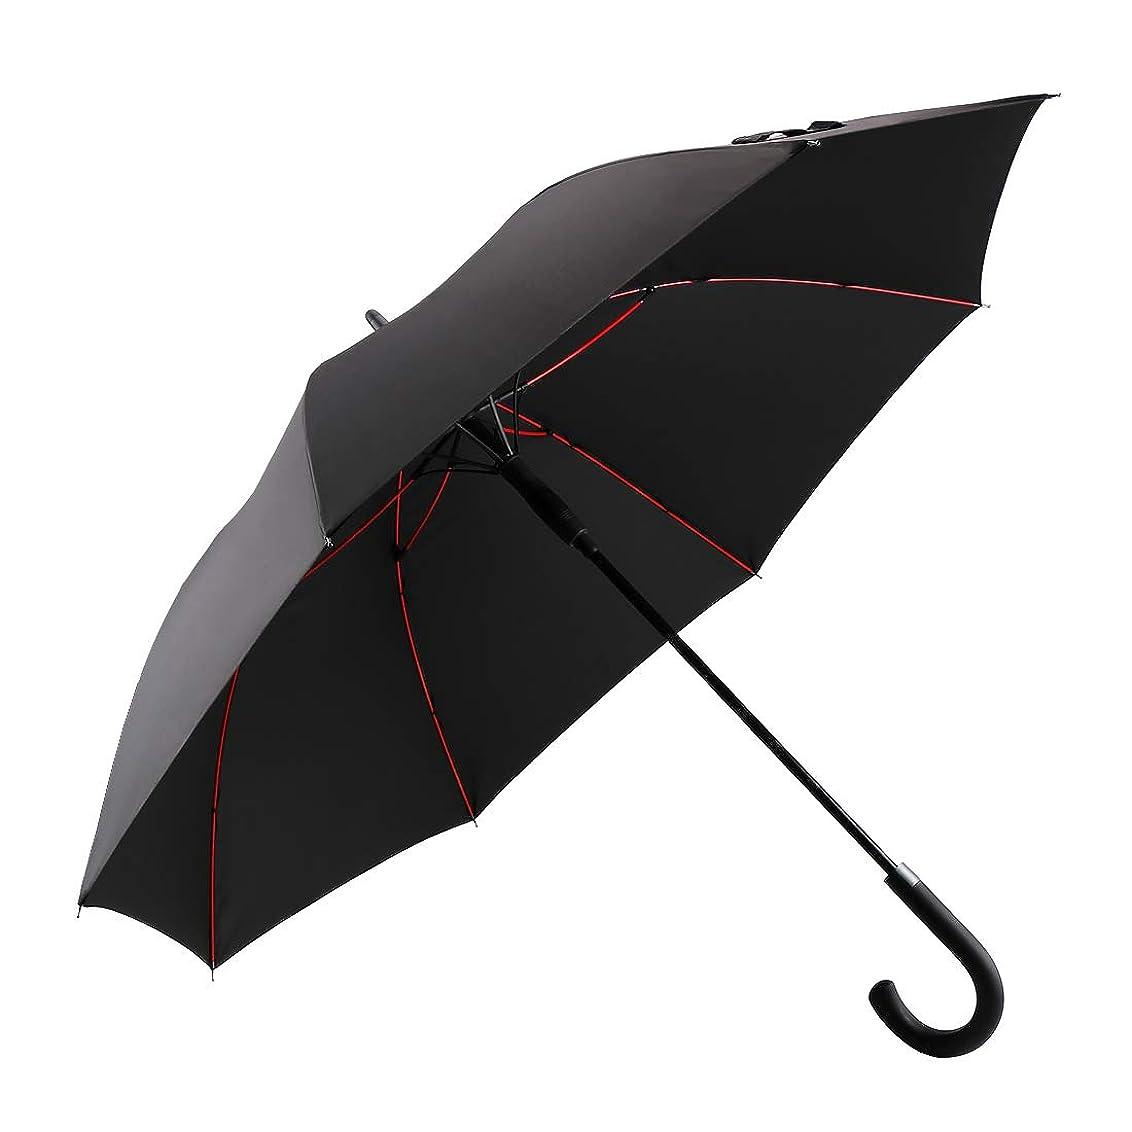 無礼にポット領収書Vialifer 改良耐風構造 長傘 超軽量 全グラスファイバー材質 撥水耐風 丈夫 大型 自動開けステッキ傘 紳士傘 大きな傘 男性 通勤 通学